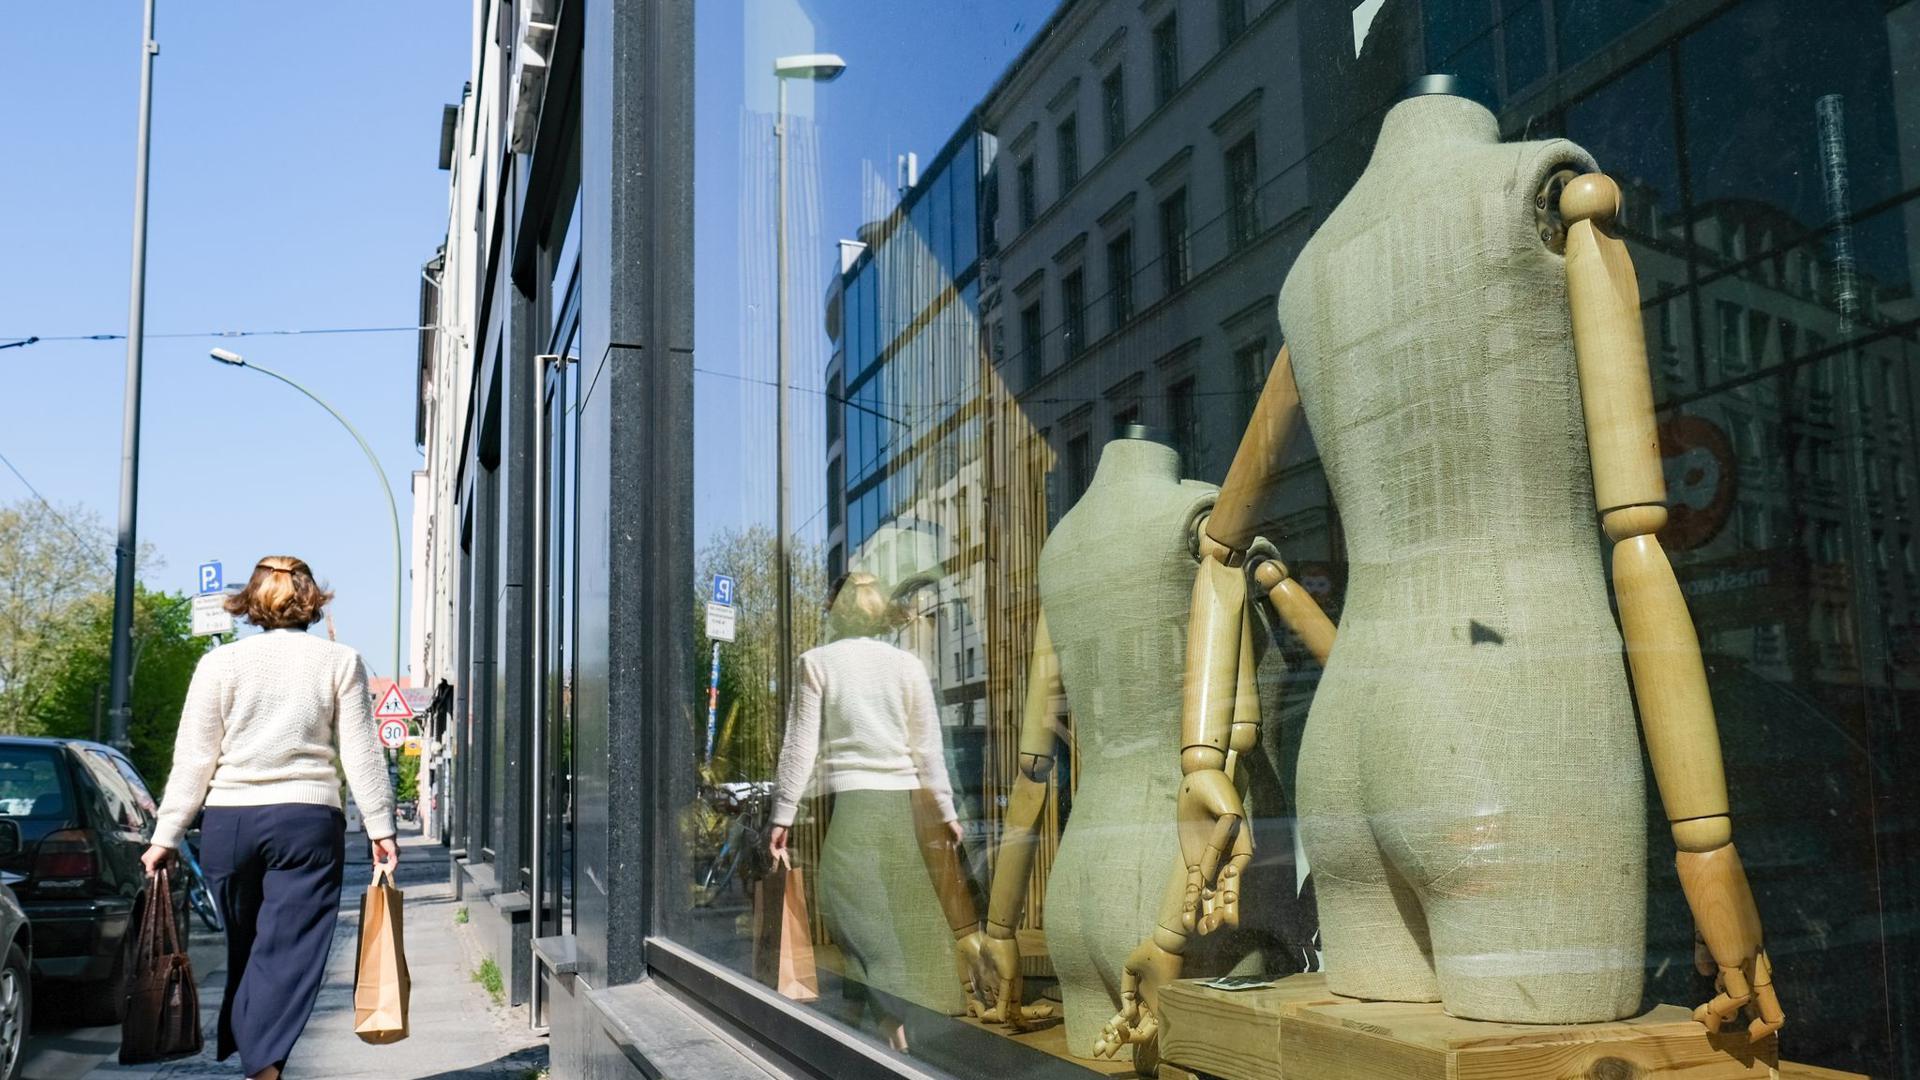 Leere Schaufensterpuppen in einem geschlossenen Geschäft zu sehen. Die Deutsche Bundesbank hat an die Kreditinstitute appelliert, den Geldhahn auch bei steigenden Firmenpleiten offen zu lassen.